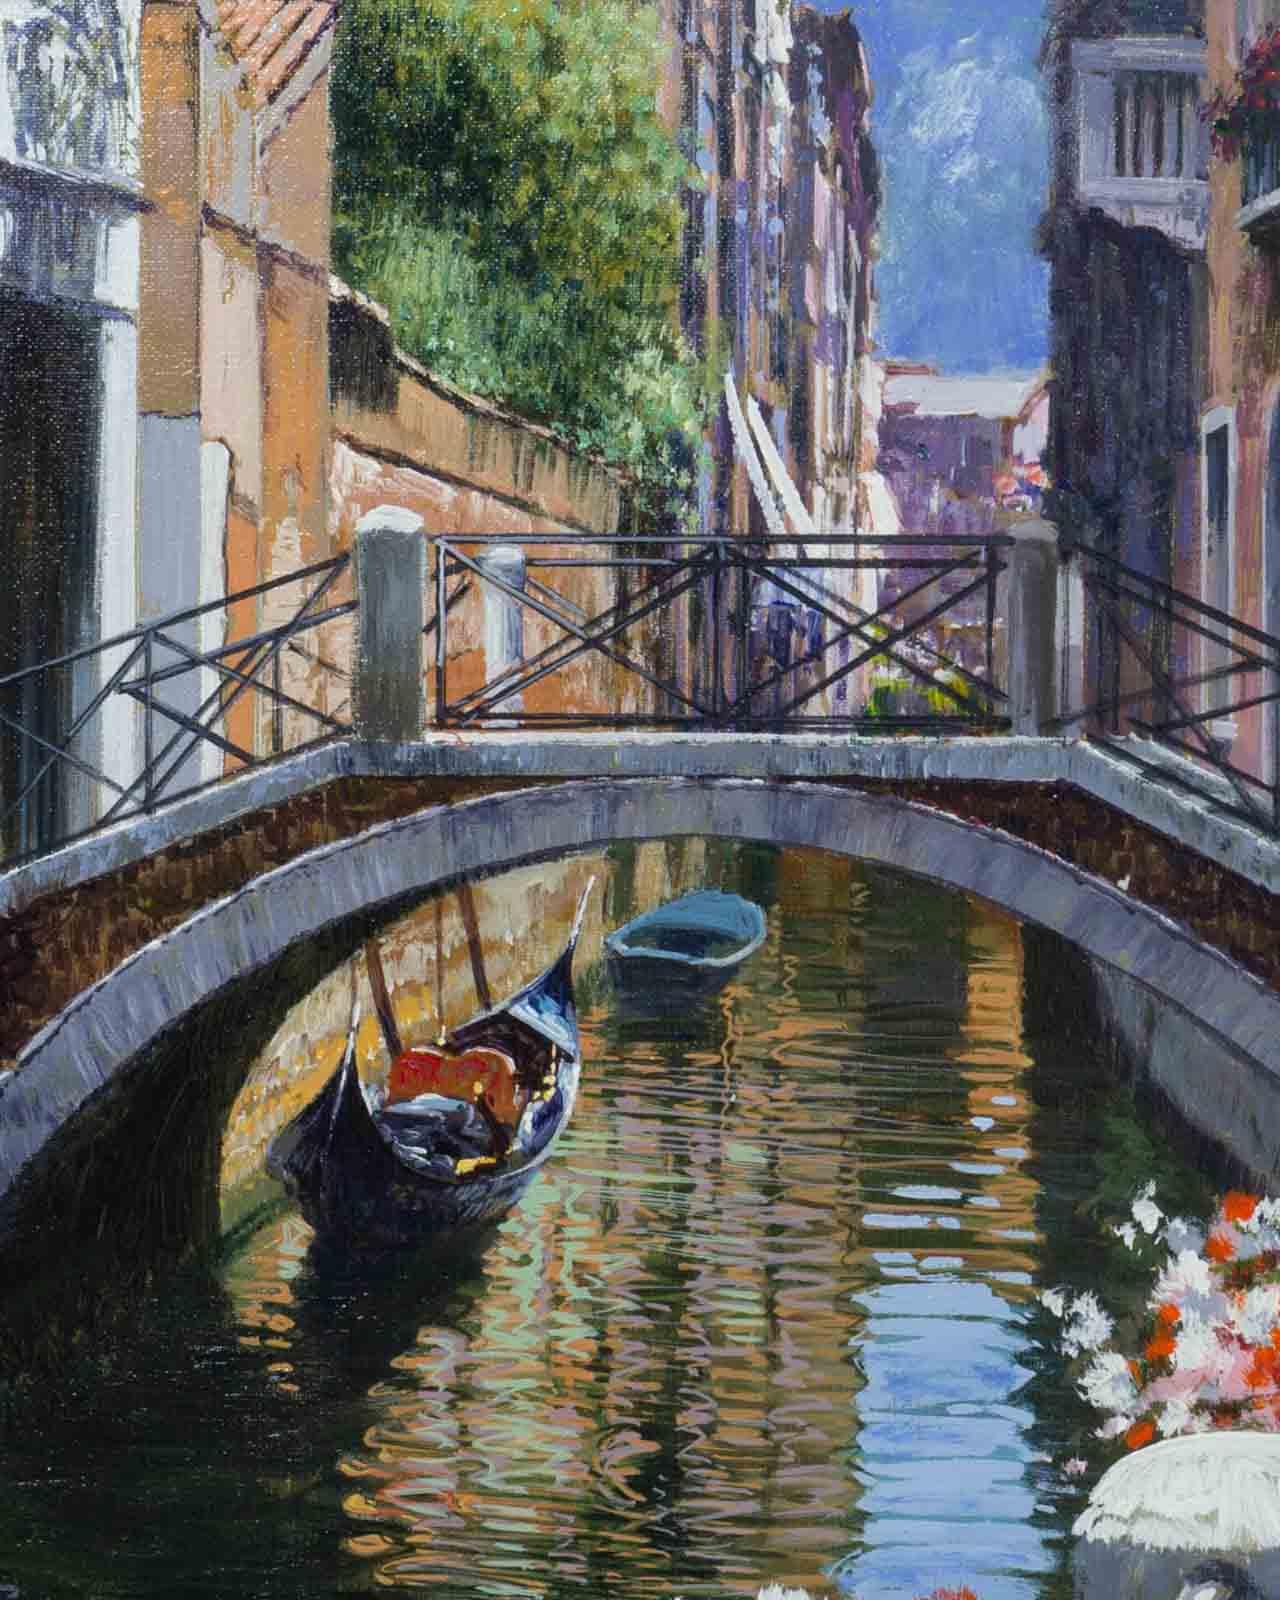 Venice Backwaters